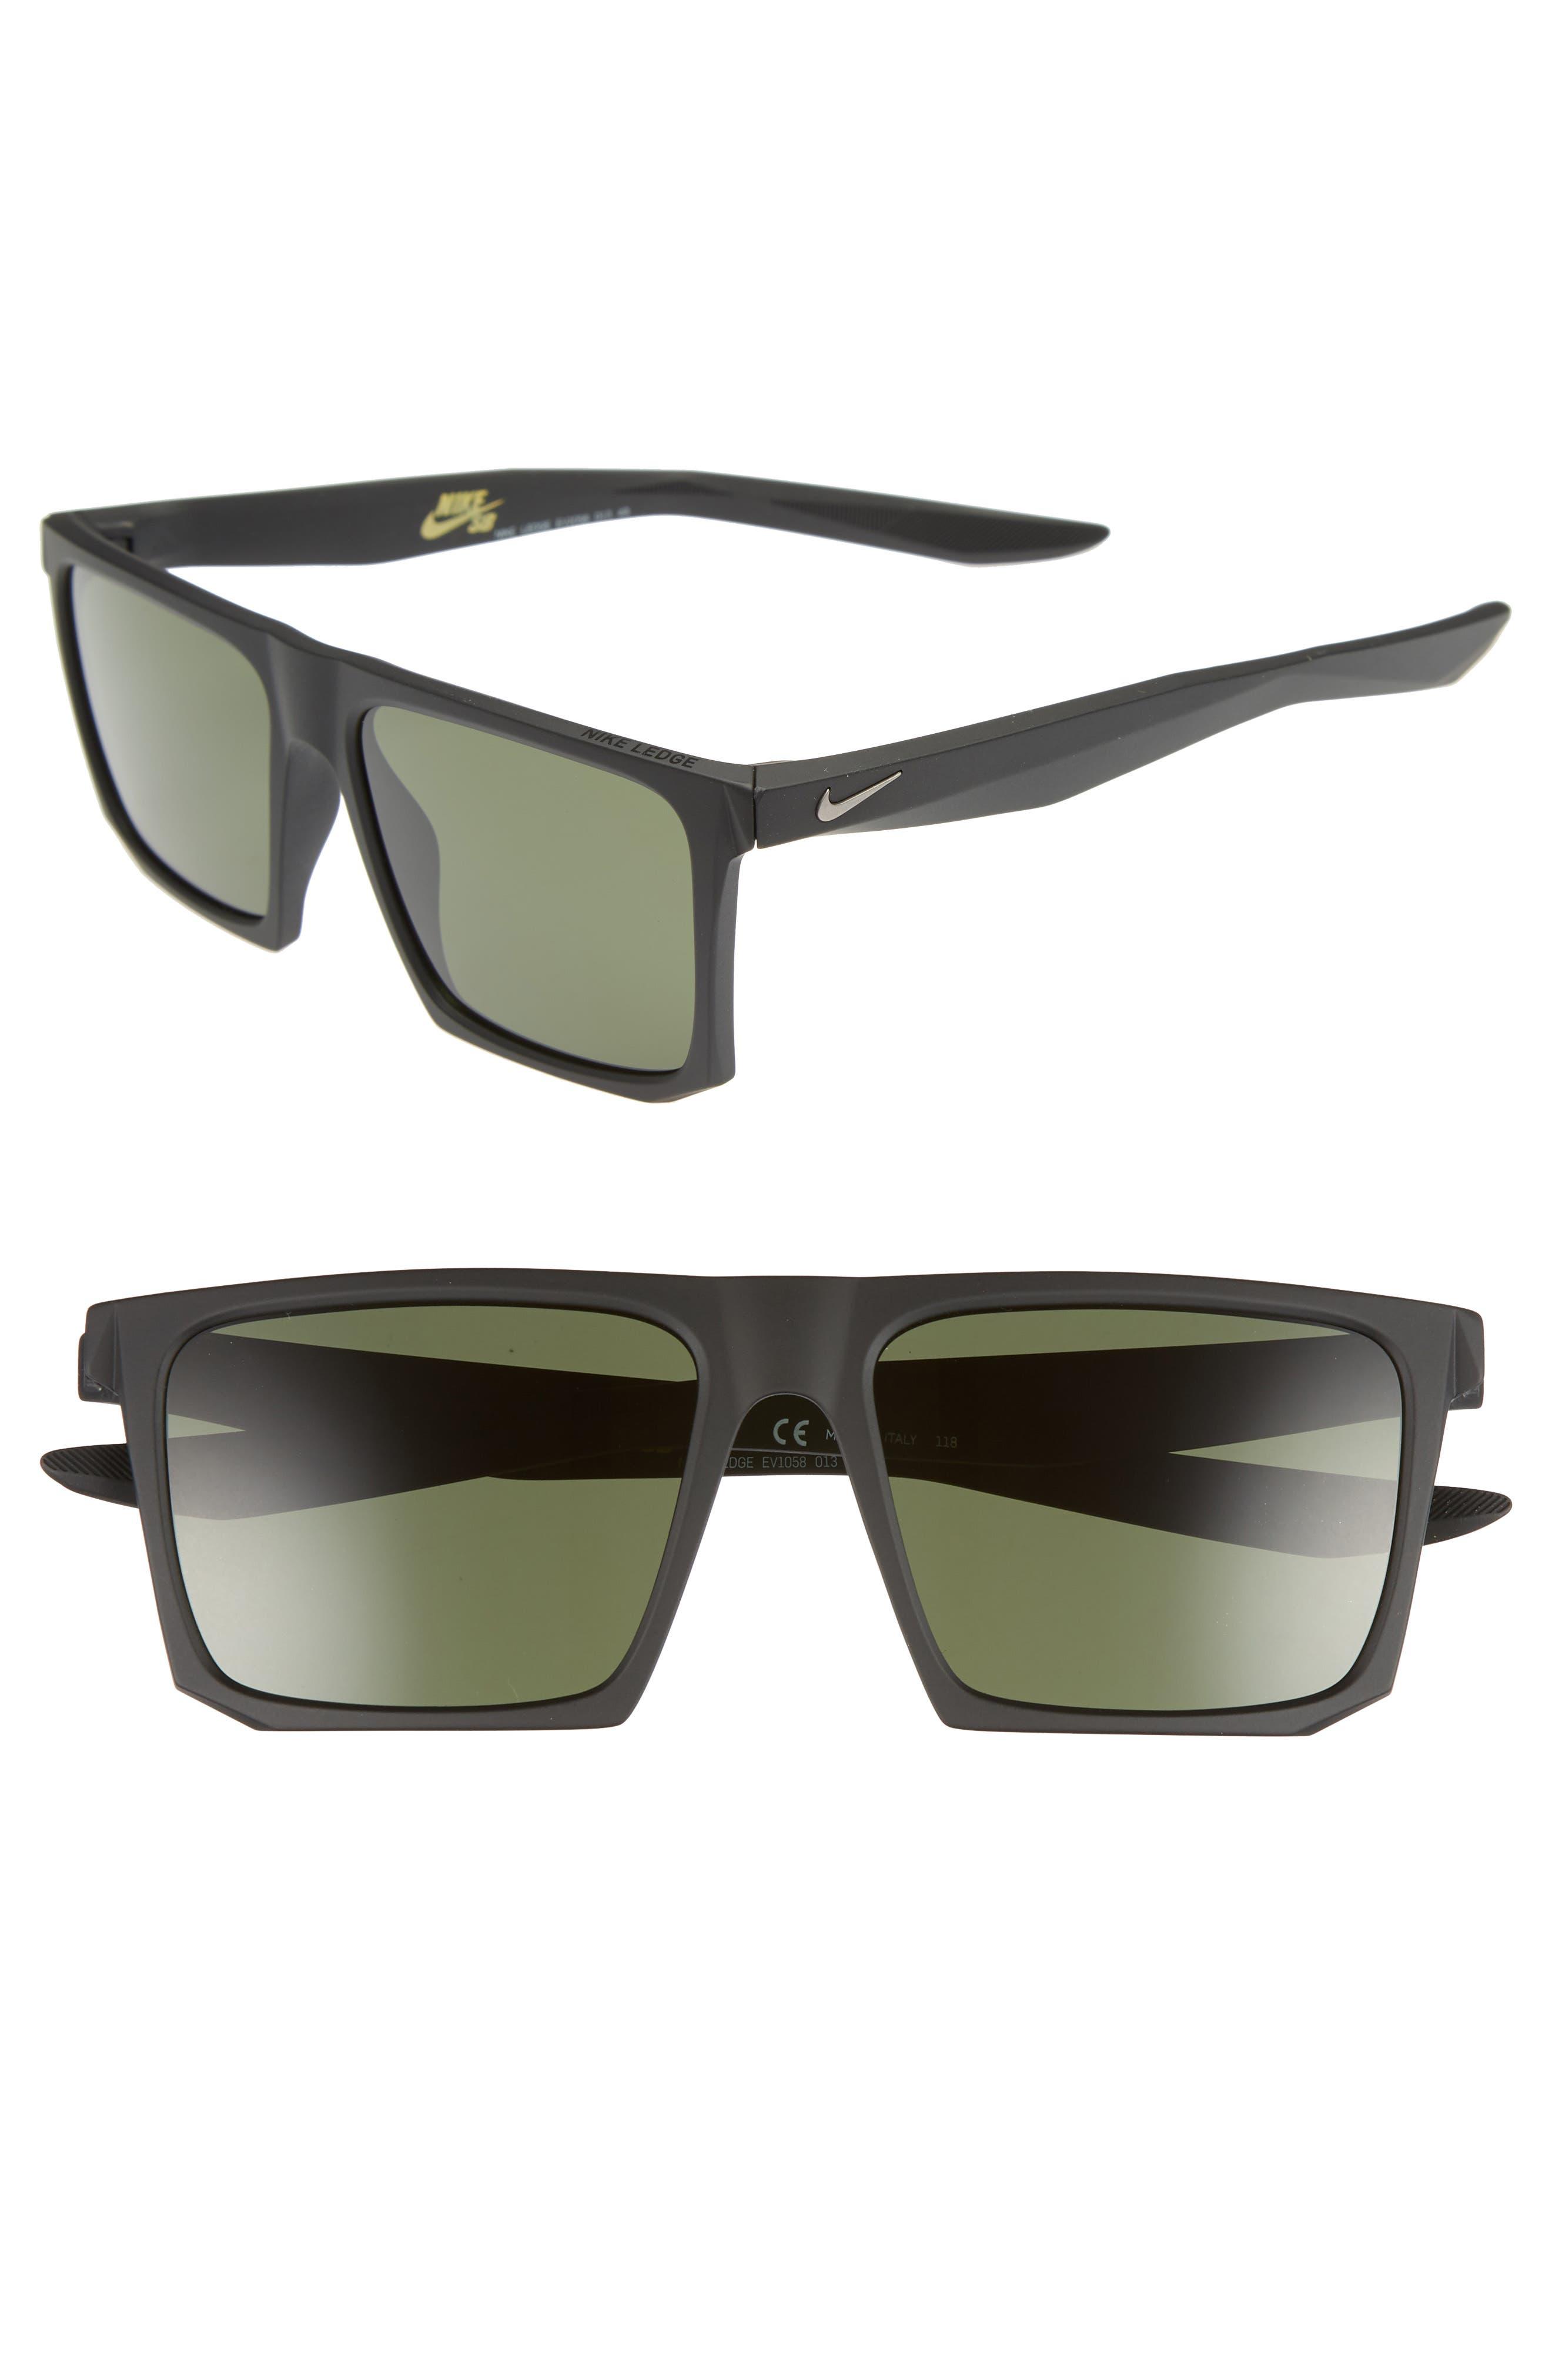 Nike Ledge 5m Sunglasses - Matte Black/ Green